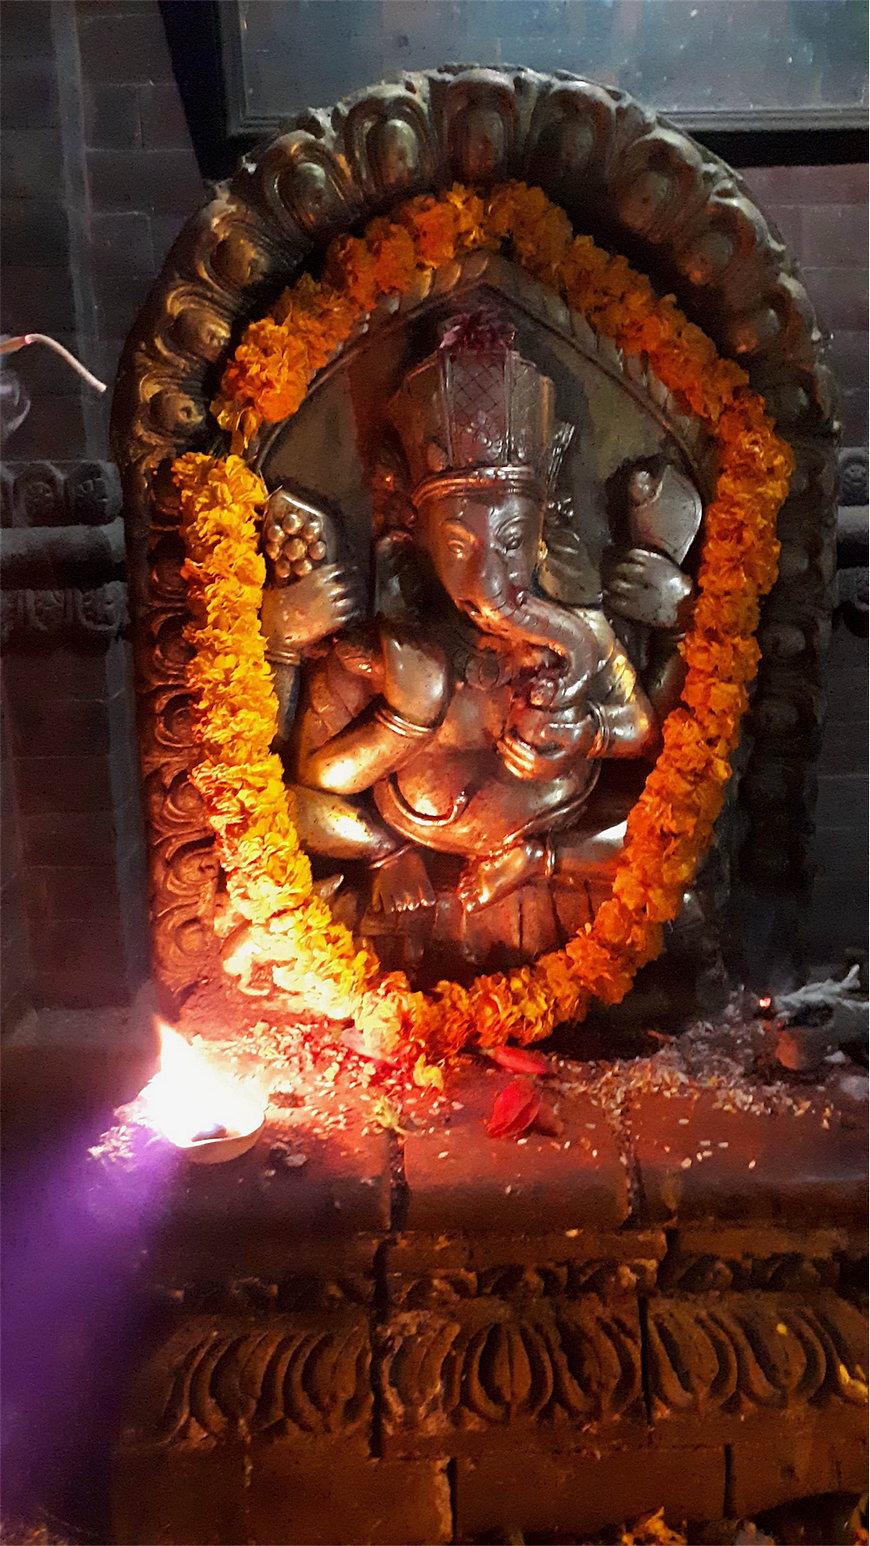 Ганеша, бог удачи со слоновьей головой Катманду Непал площадь Дурбар